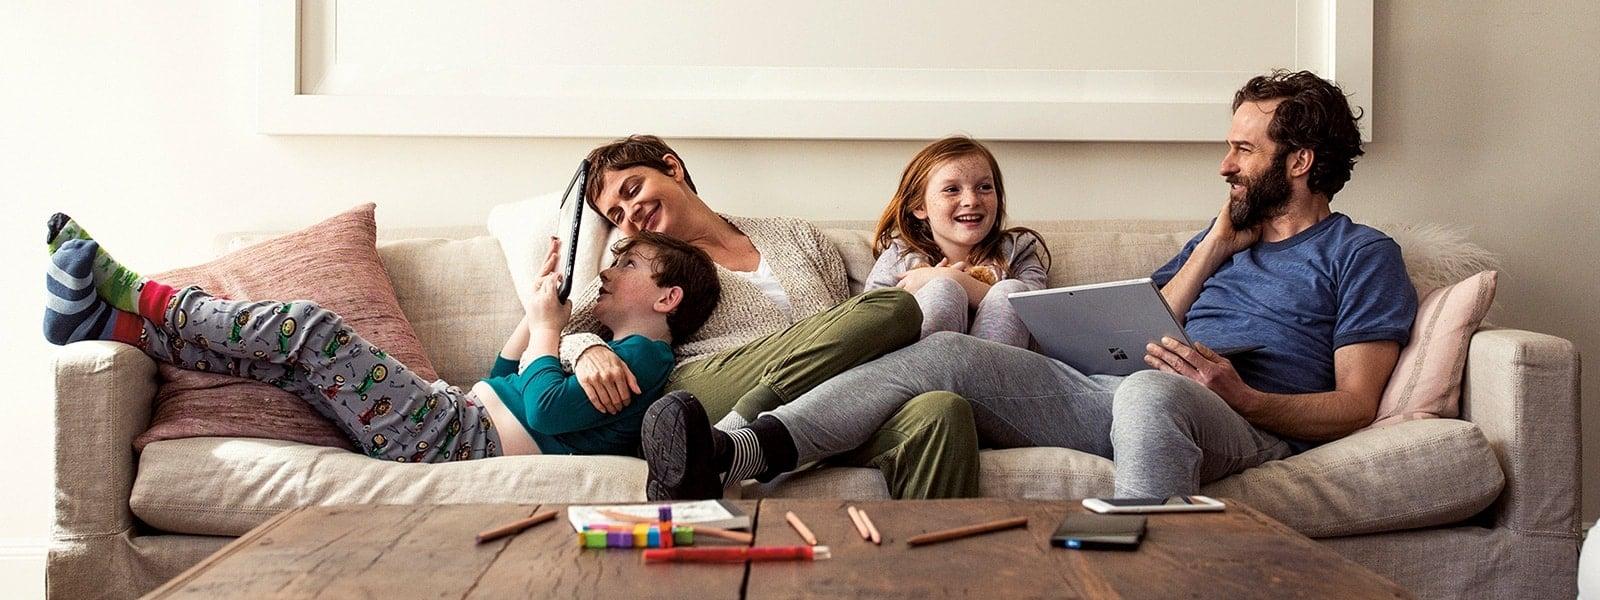 משפחה על הספה